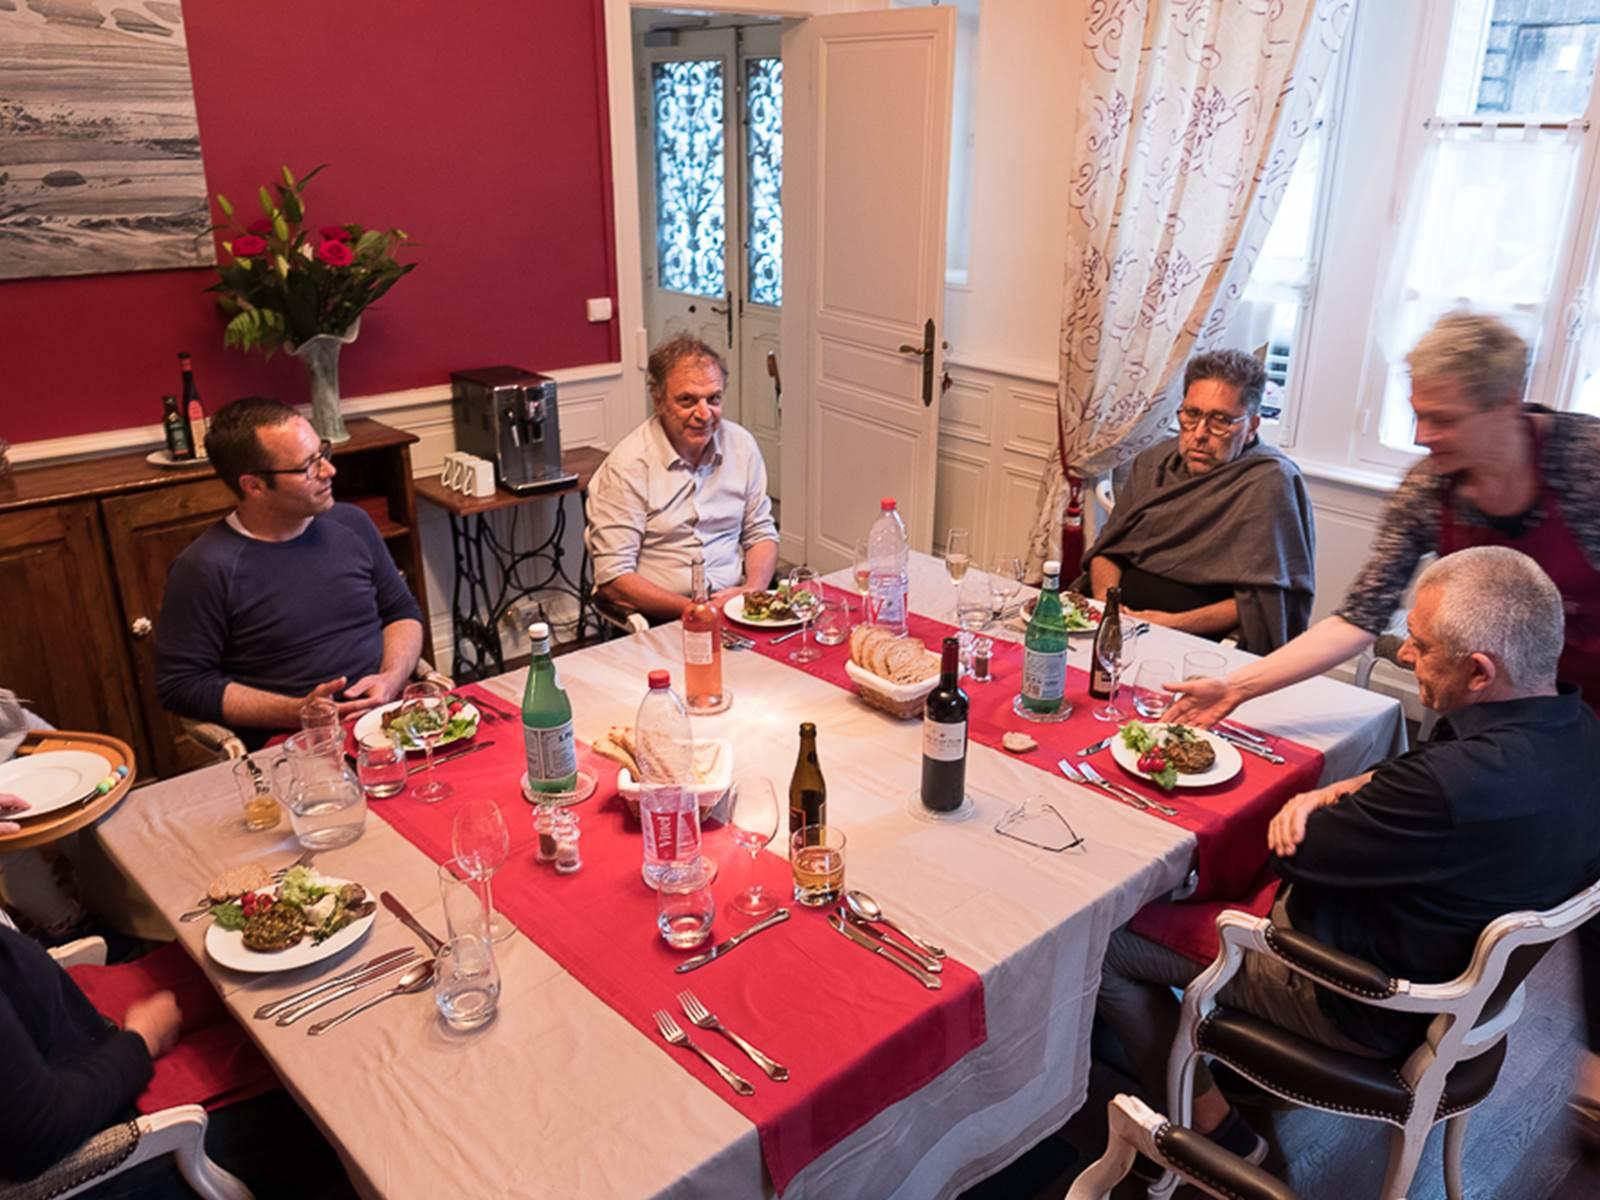 la table d'hôte